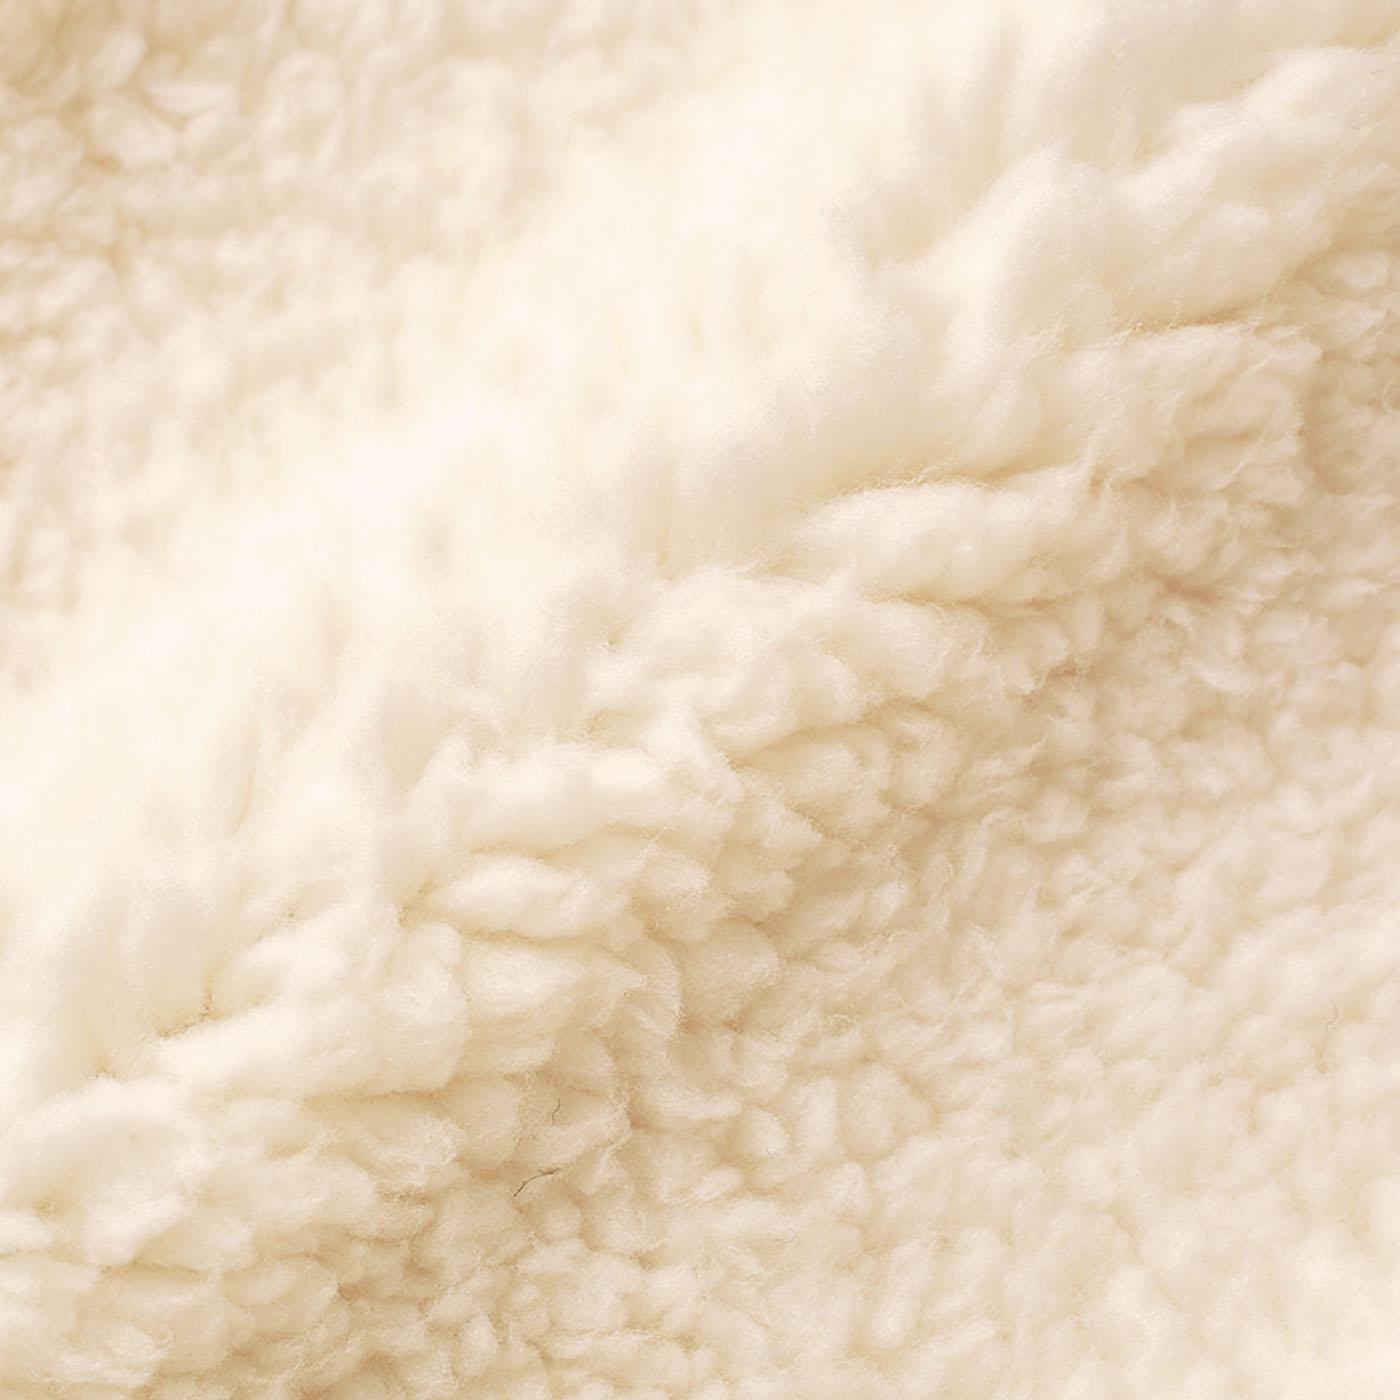 ポケット部分内側:シープボア まるで羊のような毛足が特徴のシープボア。もこもこの毛の間に空気を含んで、あたたかさを保ちます。